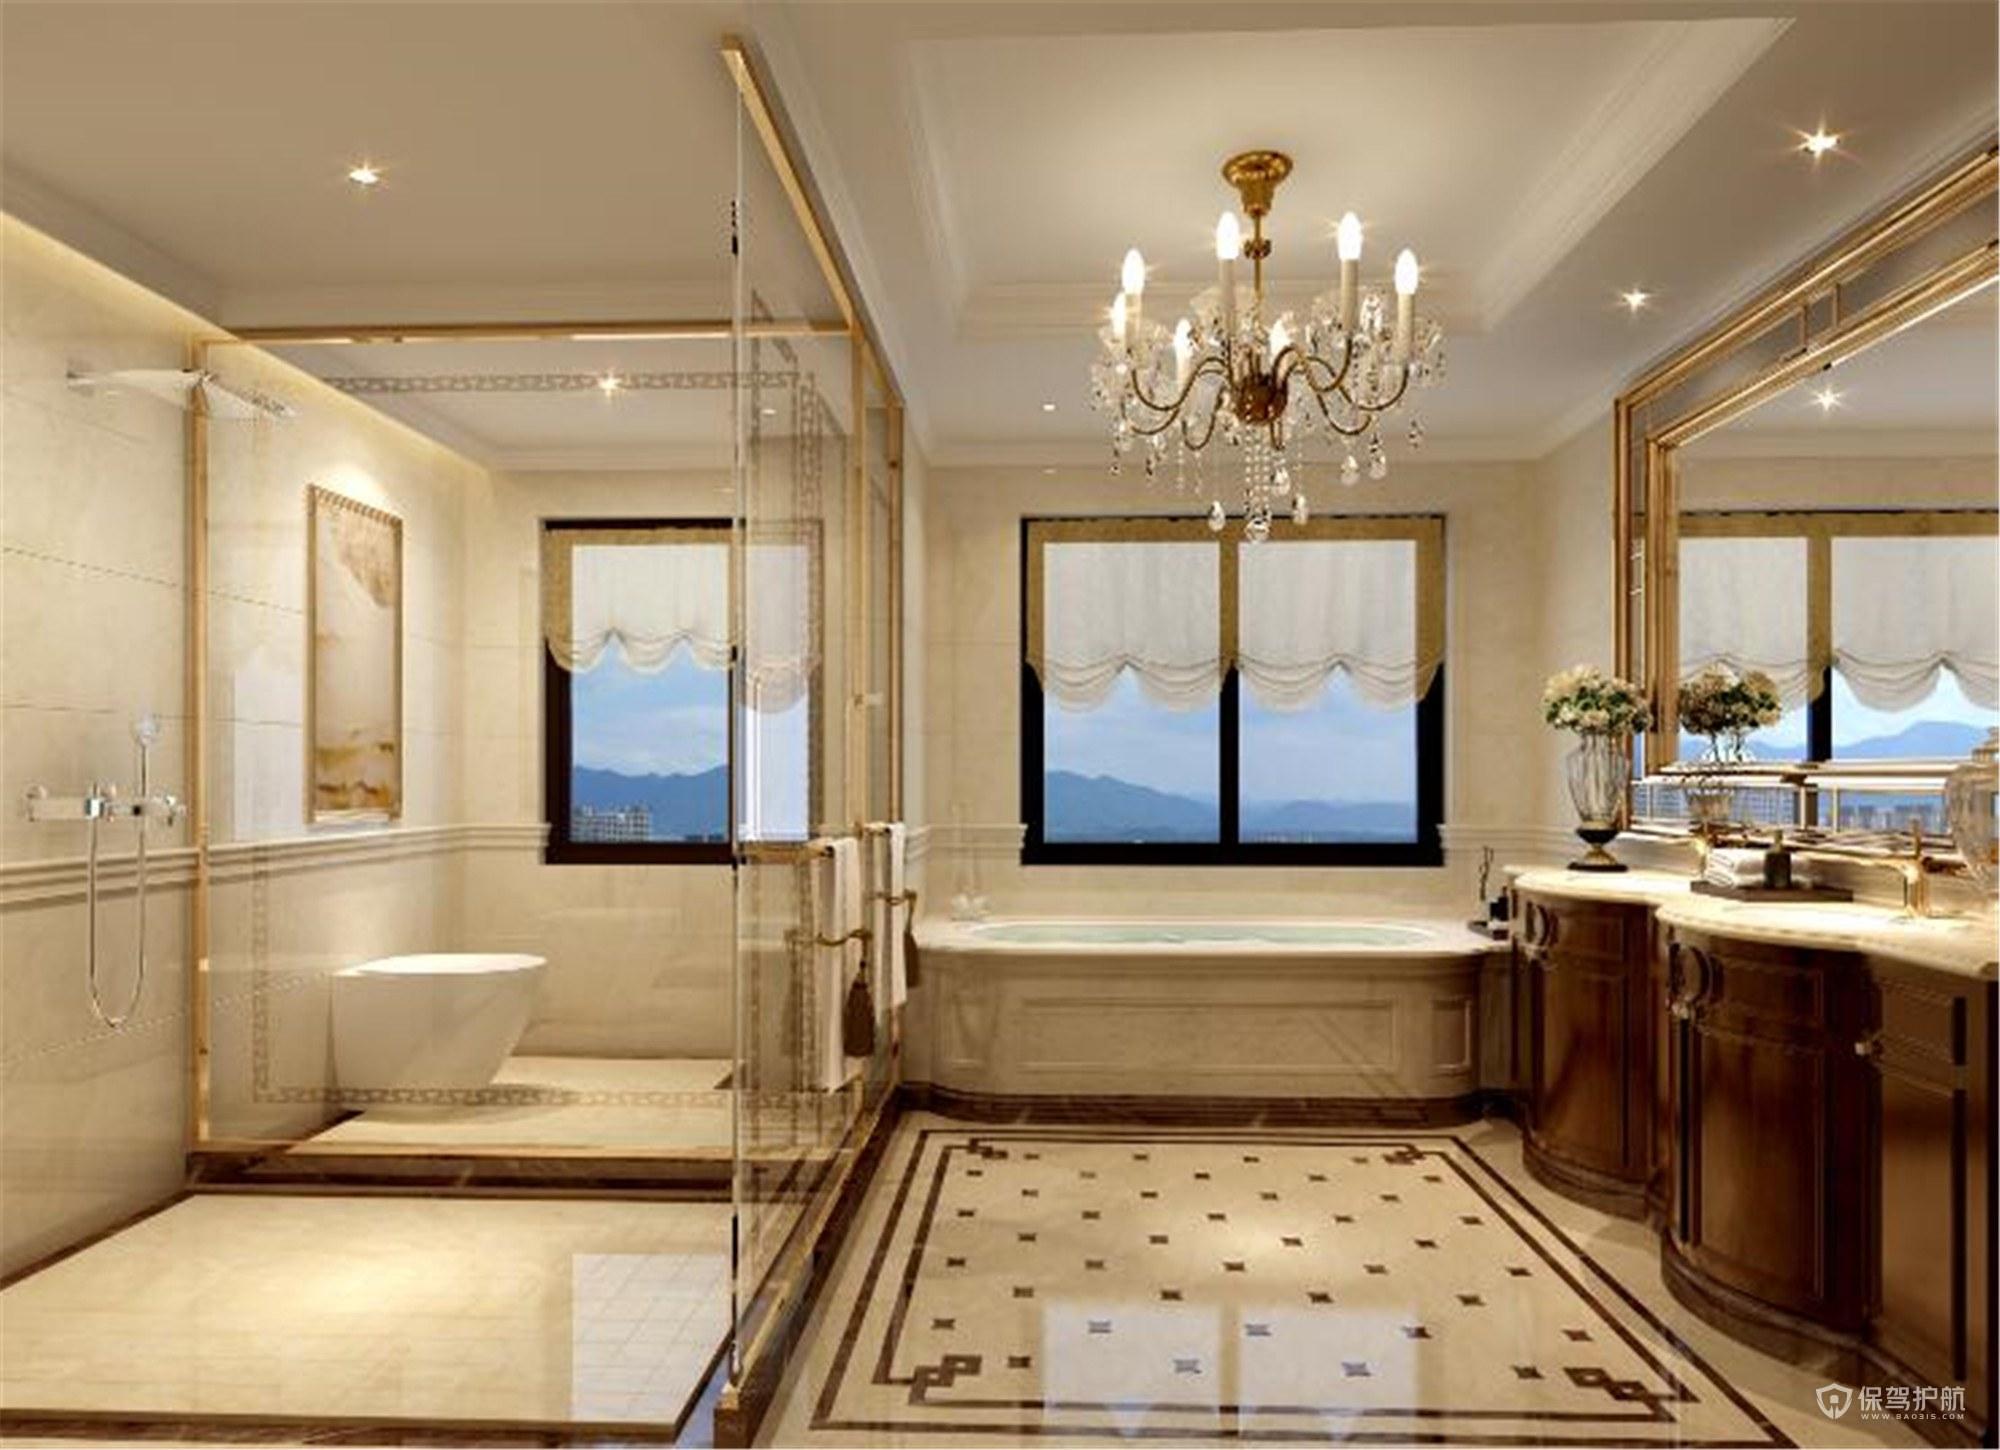 卫生间淋浴房缺点,卫生间淋浴房优点